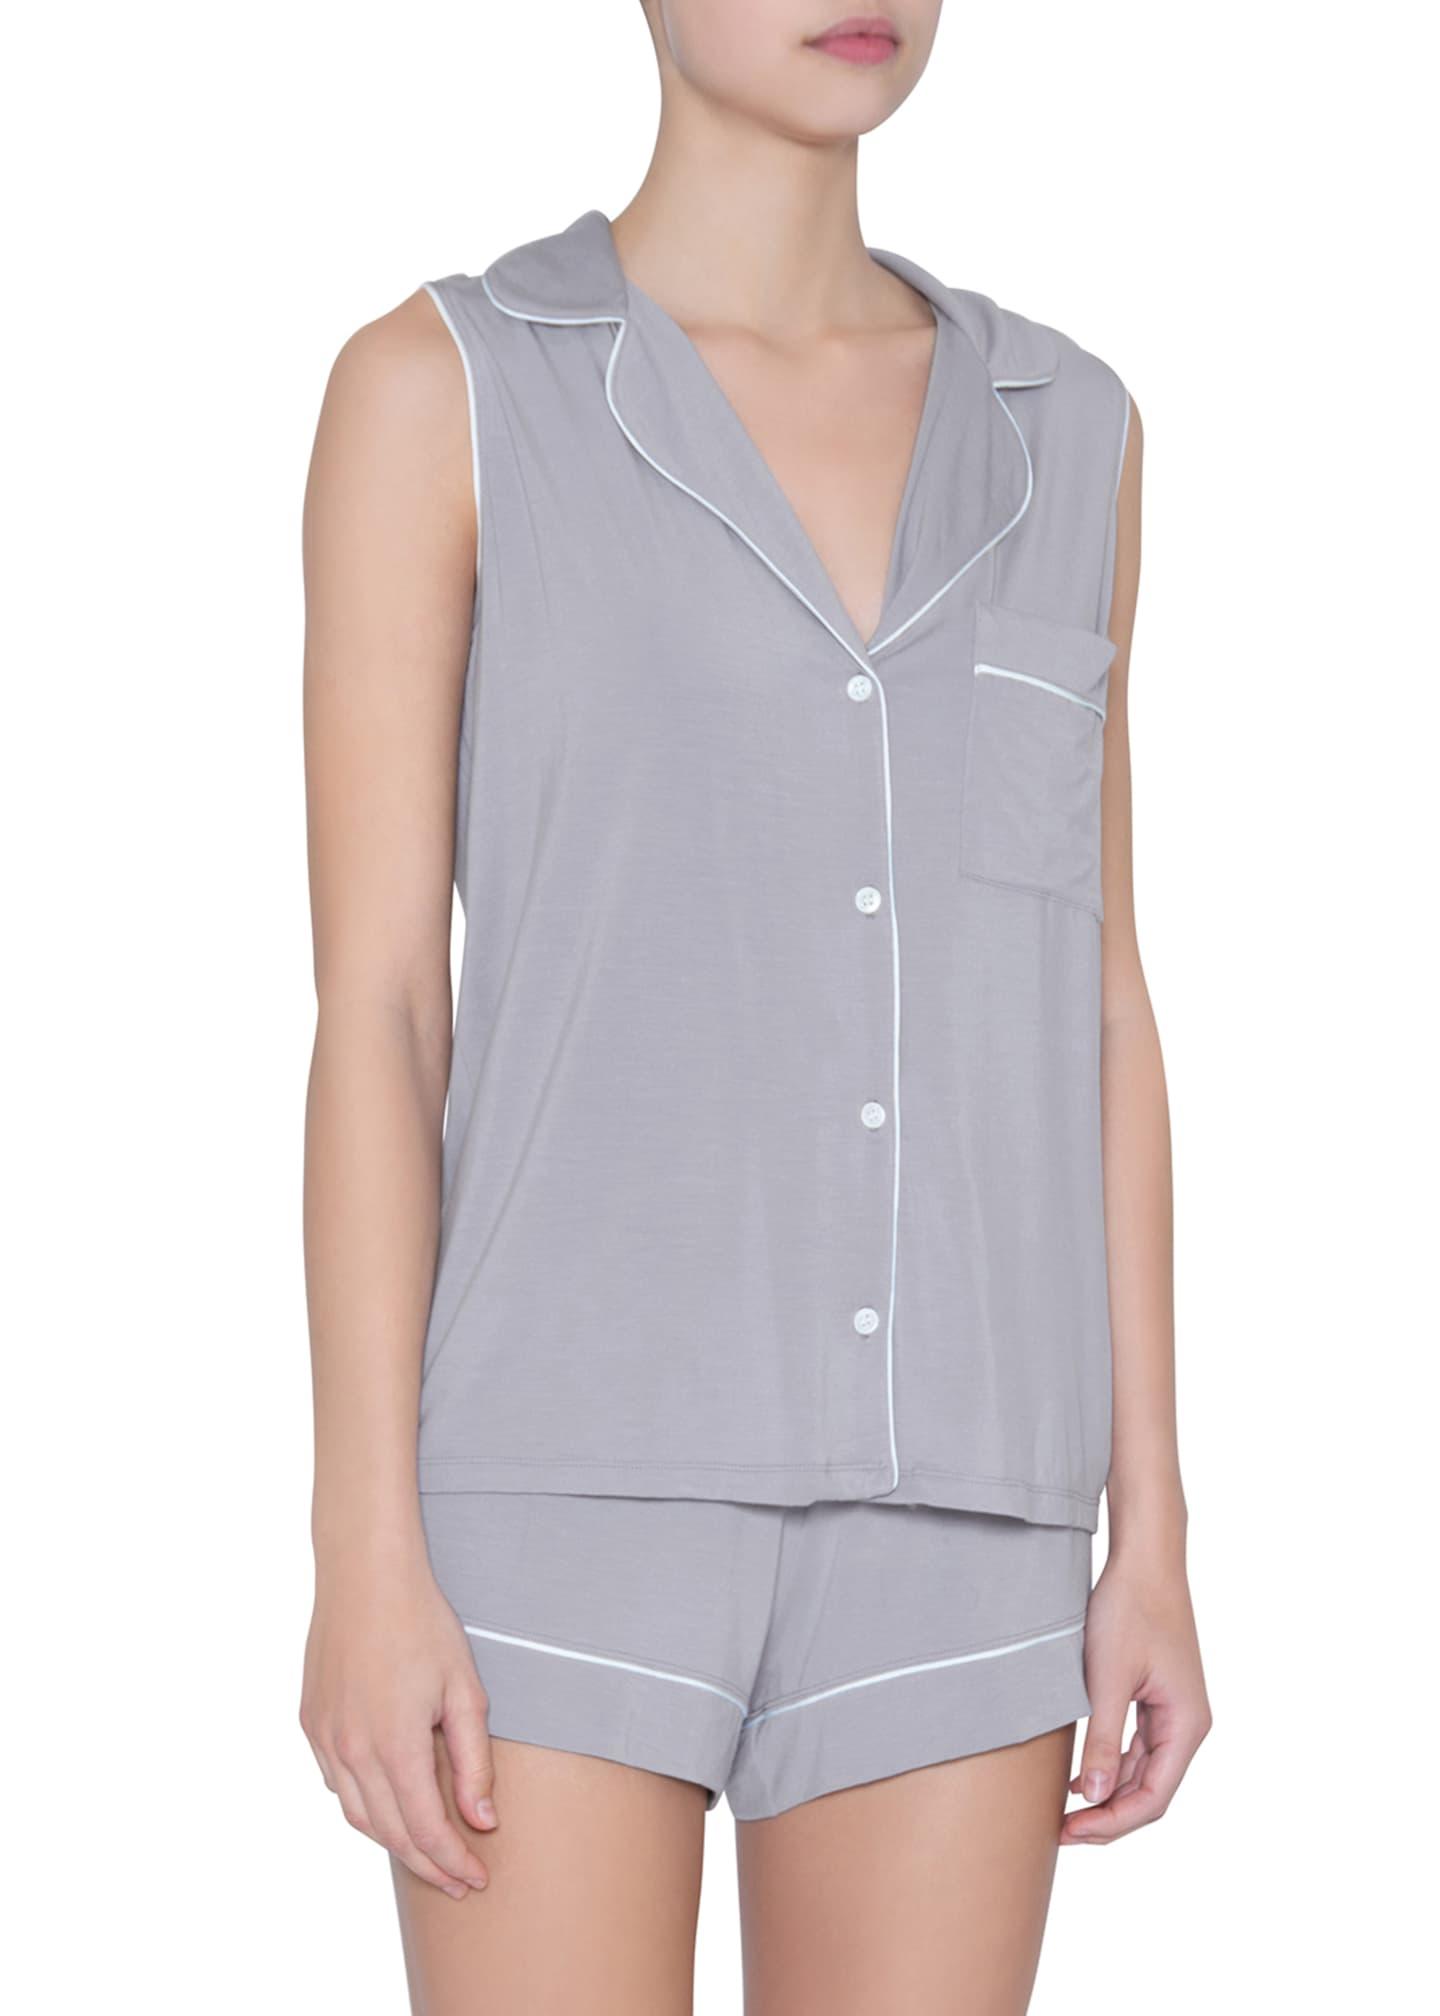 Eberjey Phoebe Sleeveless Shorty Pajama Set